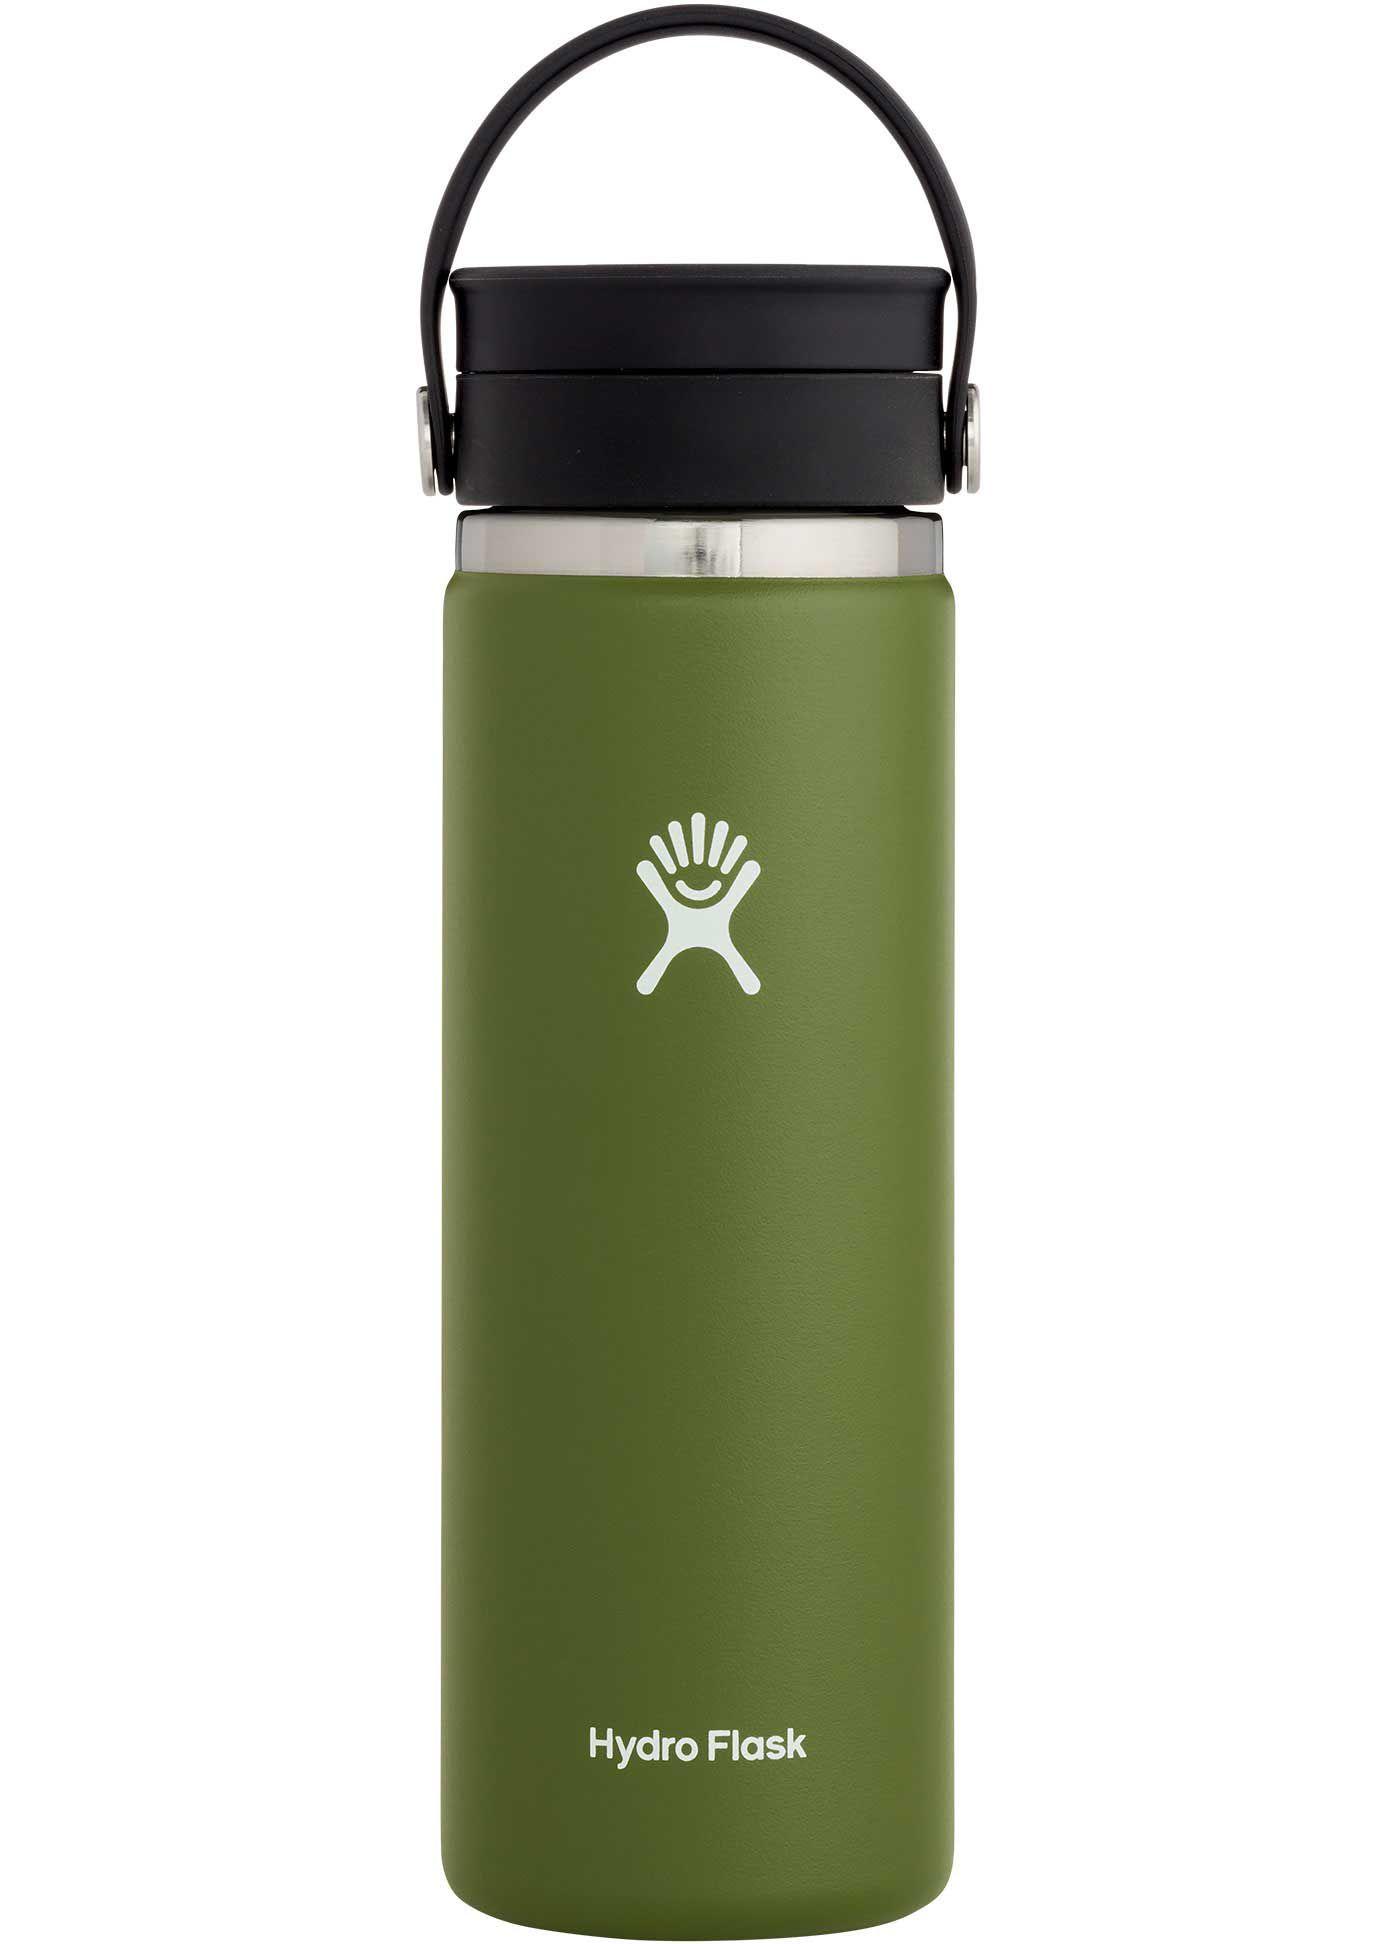 Hydro Flask Flex Sip 20 oz. Bottle